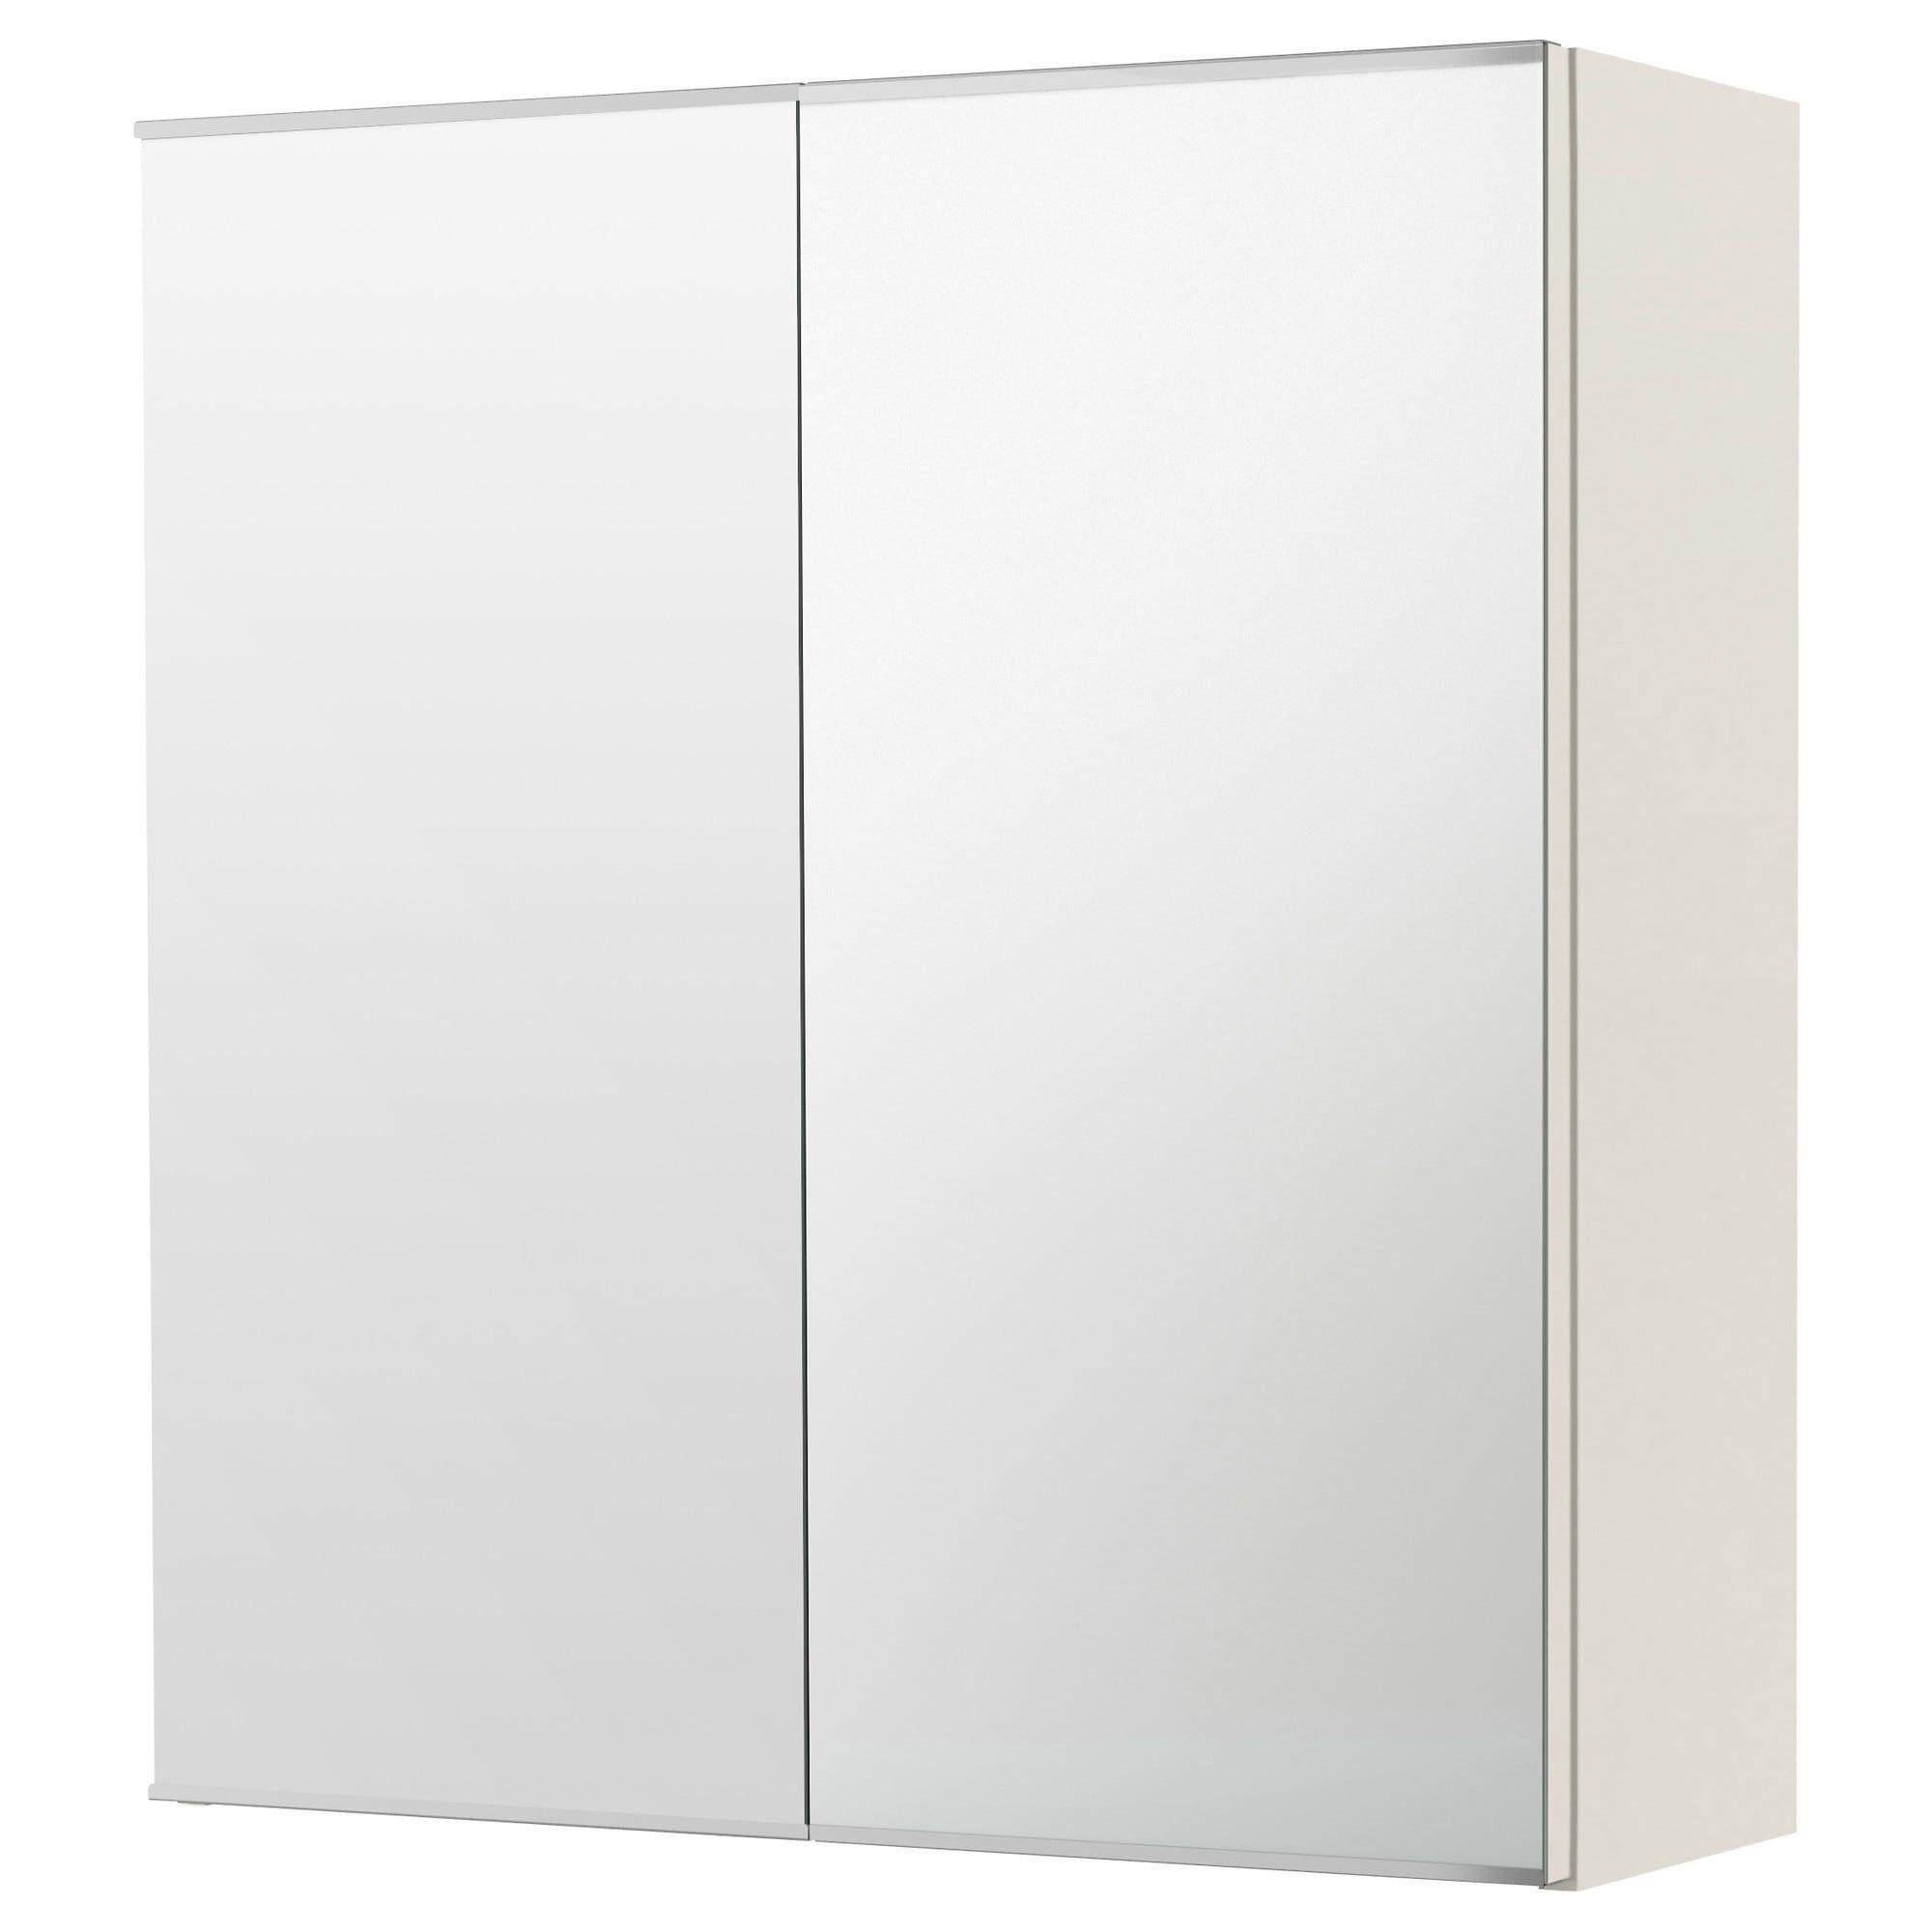 Lillangen Spiegelschrank 2 Turen Weiss Ikea Osterreich